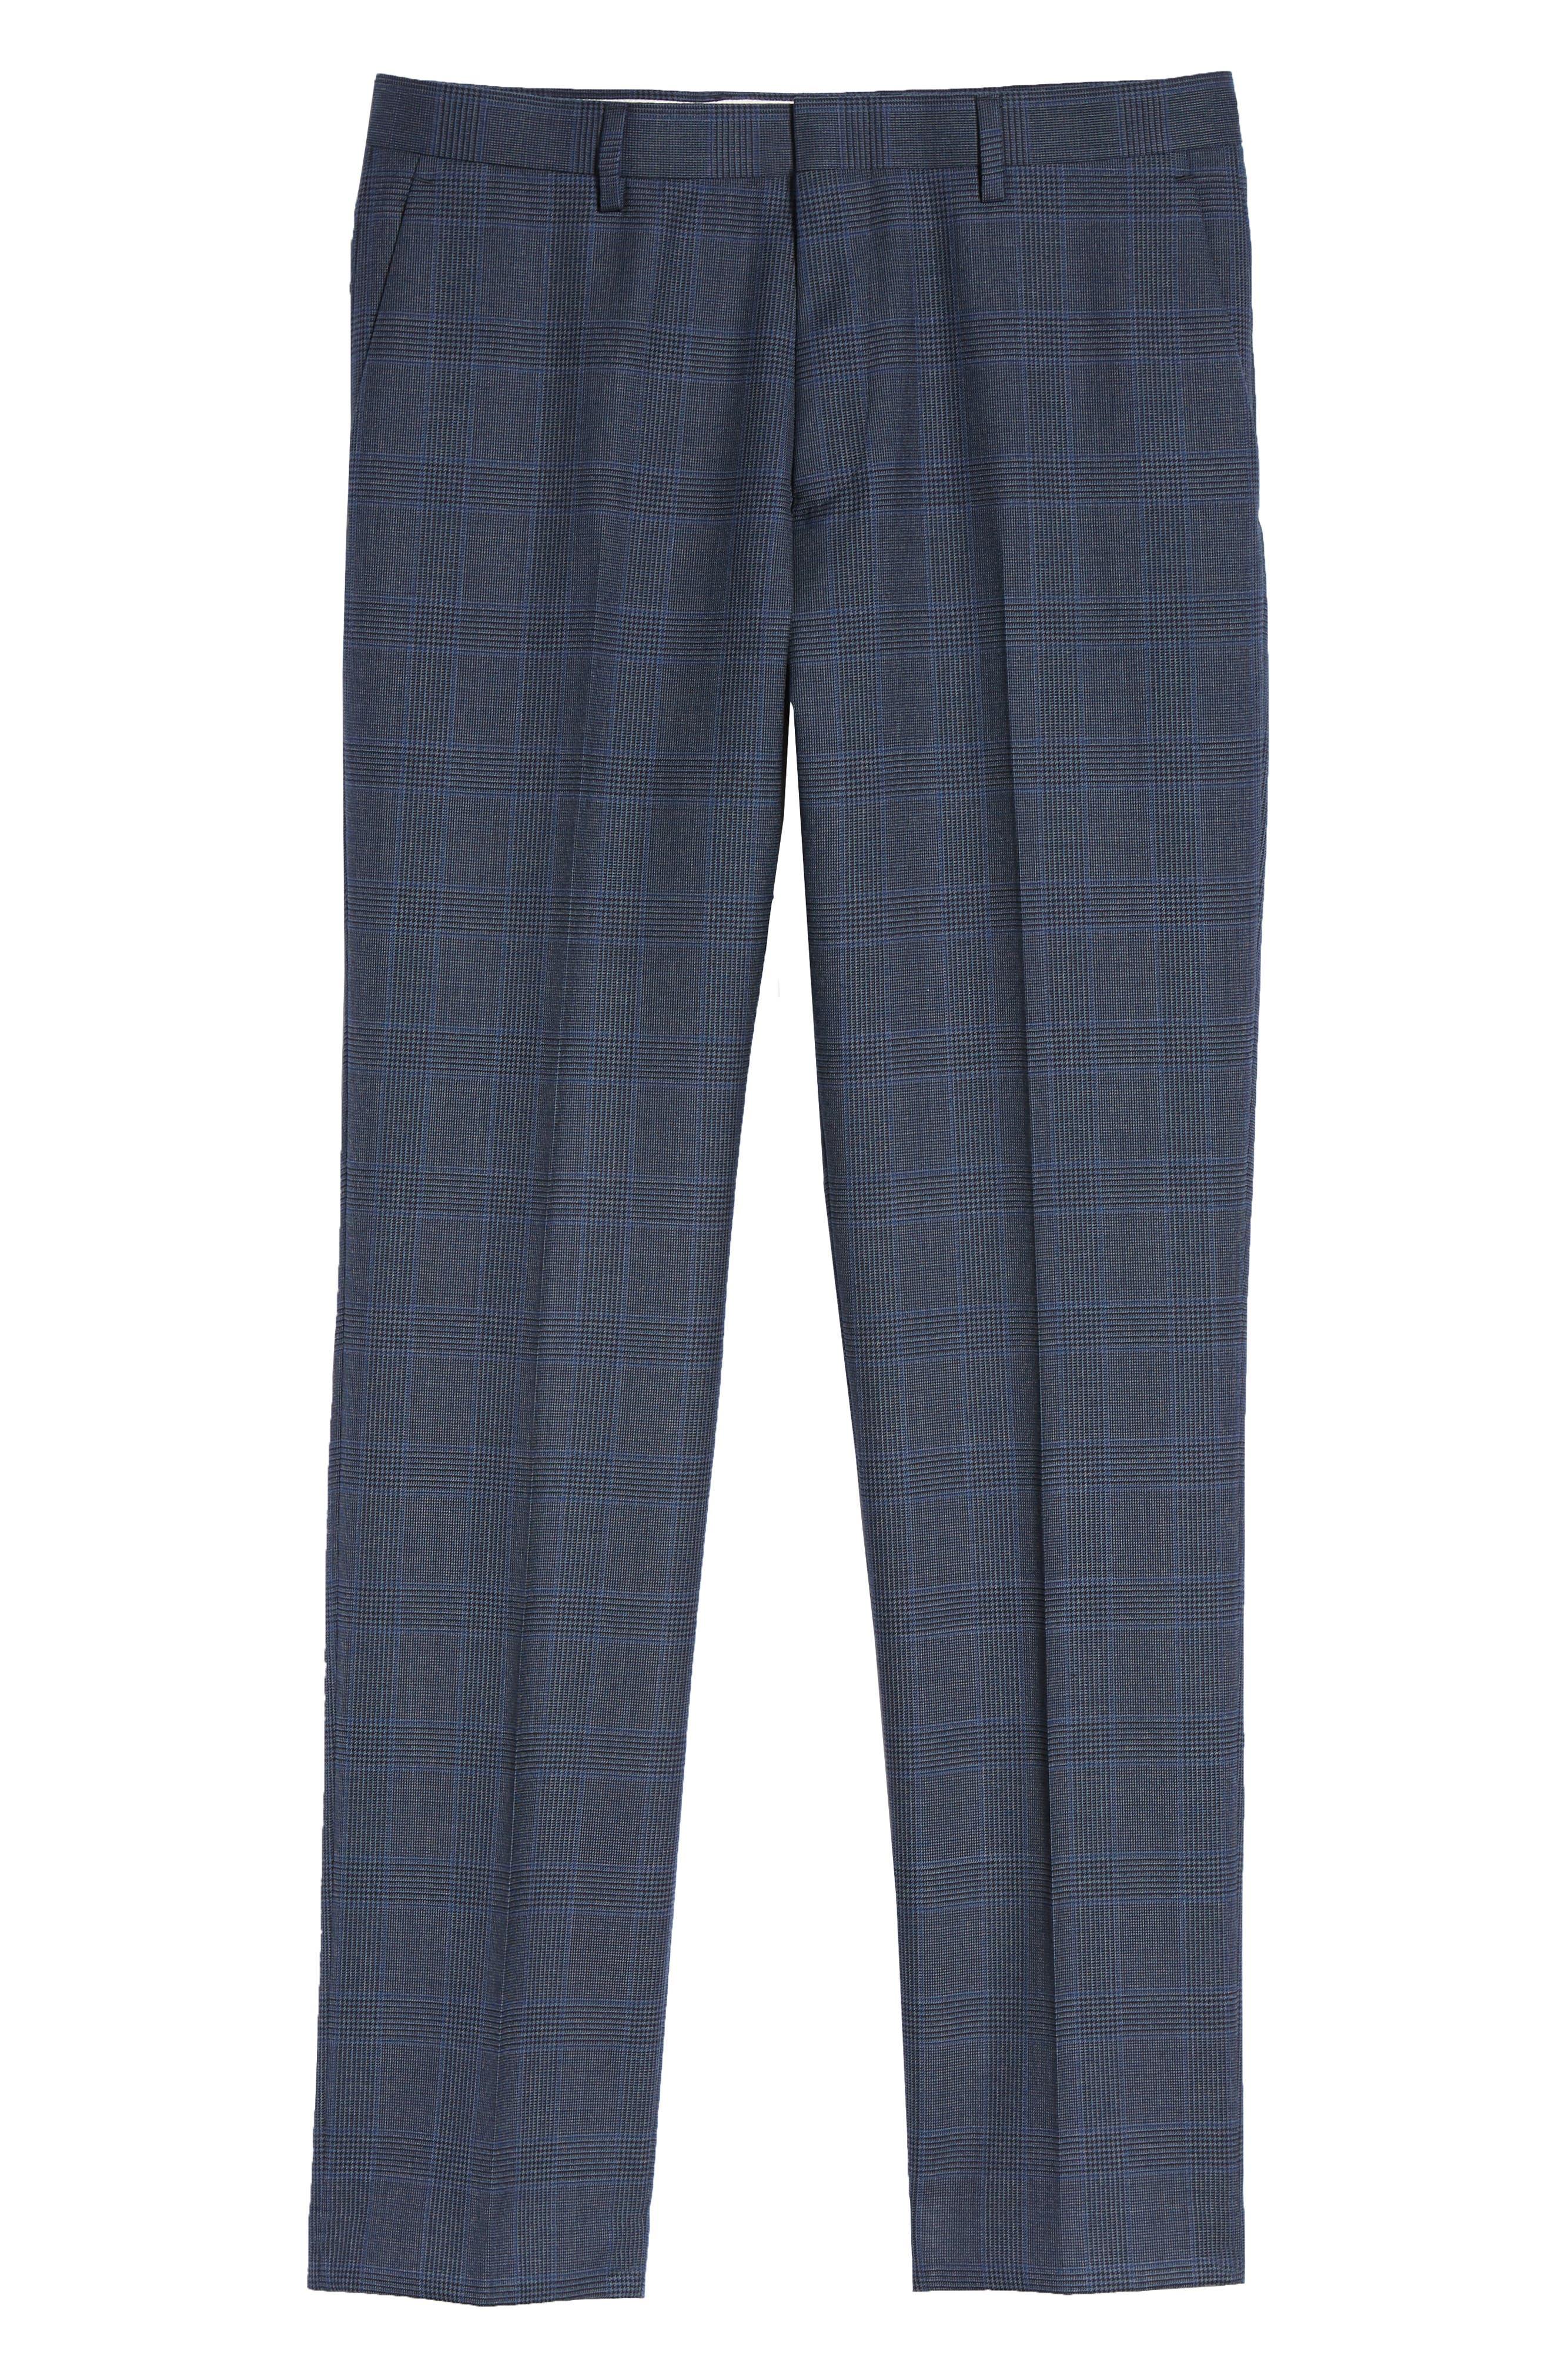 Ludlow Trim Fit Glen Plaid Wool Pants,                             Alternate thumbnail 6, color,                             400